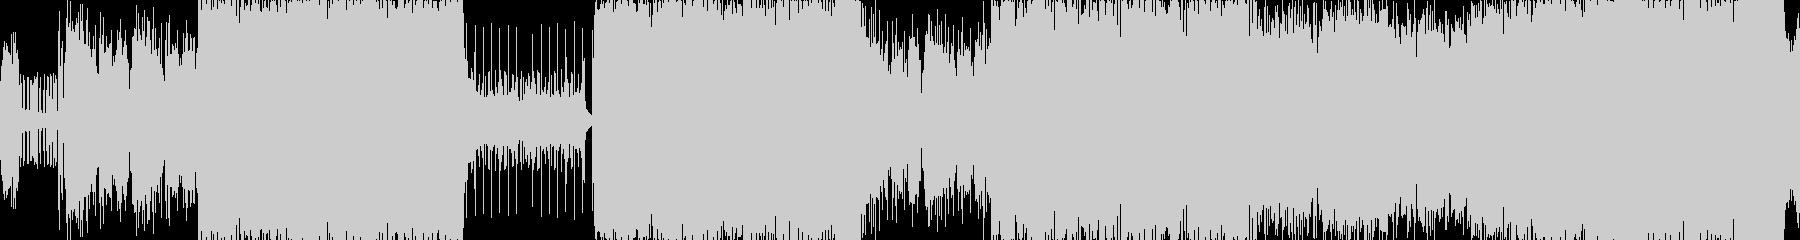 高音質♪マトリックス風テクノループ曲の未再生の波形